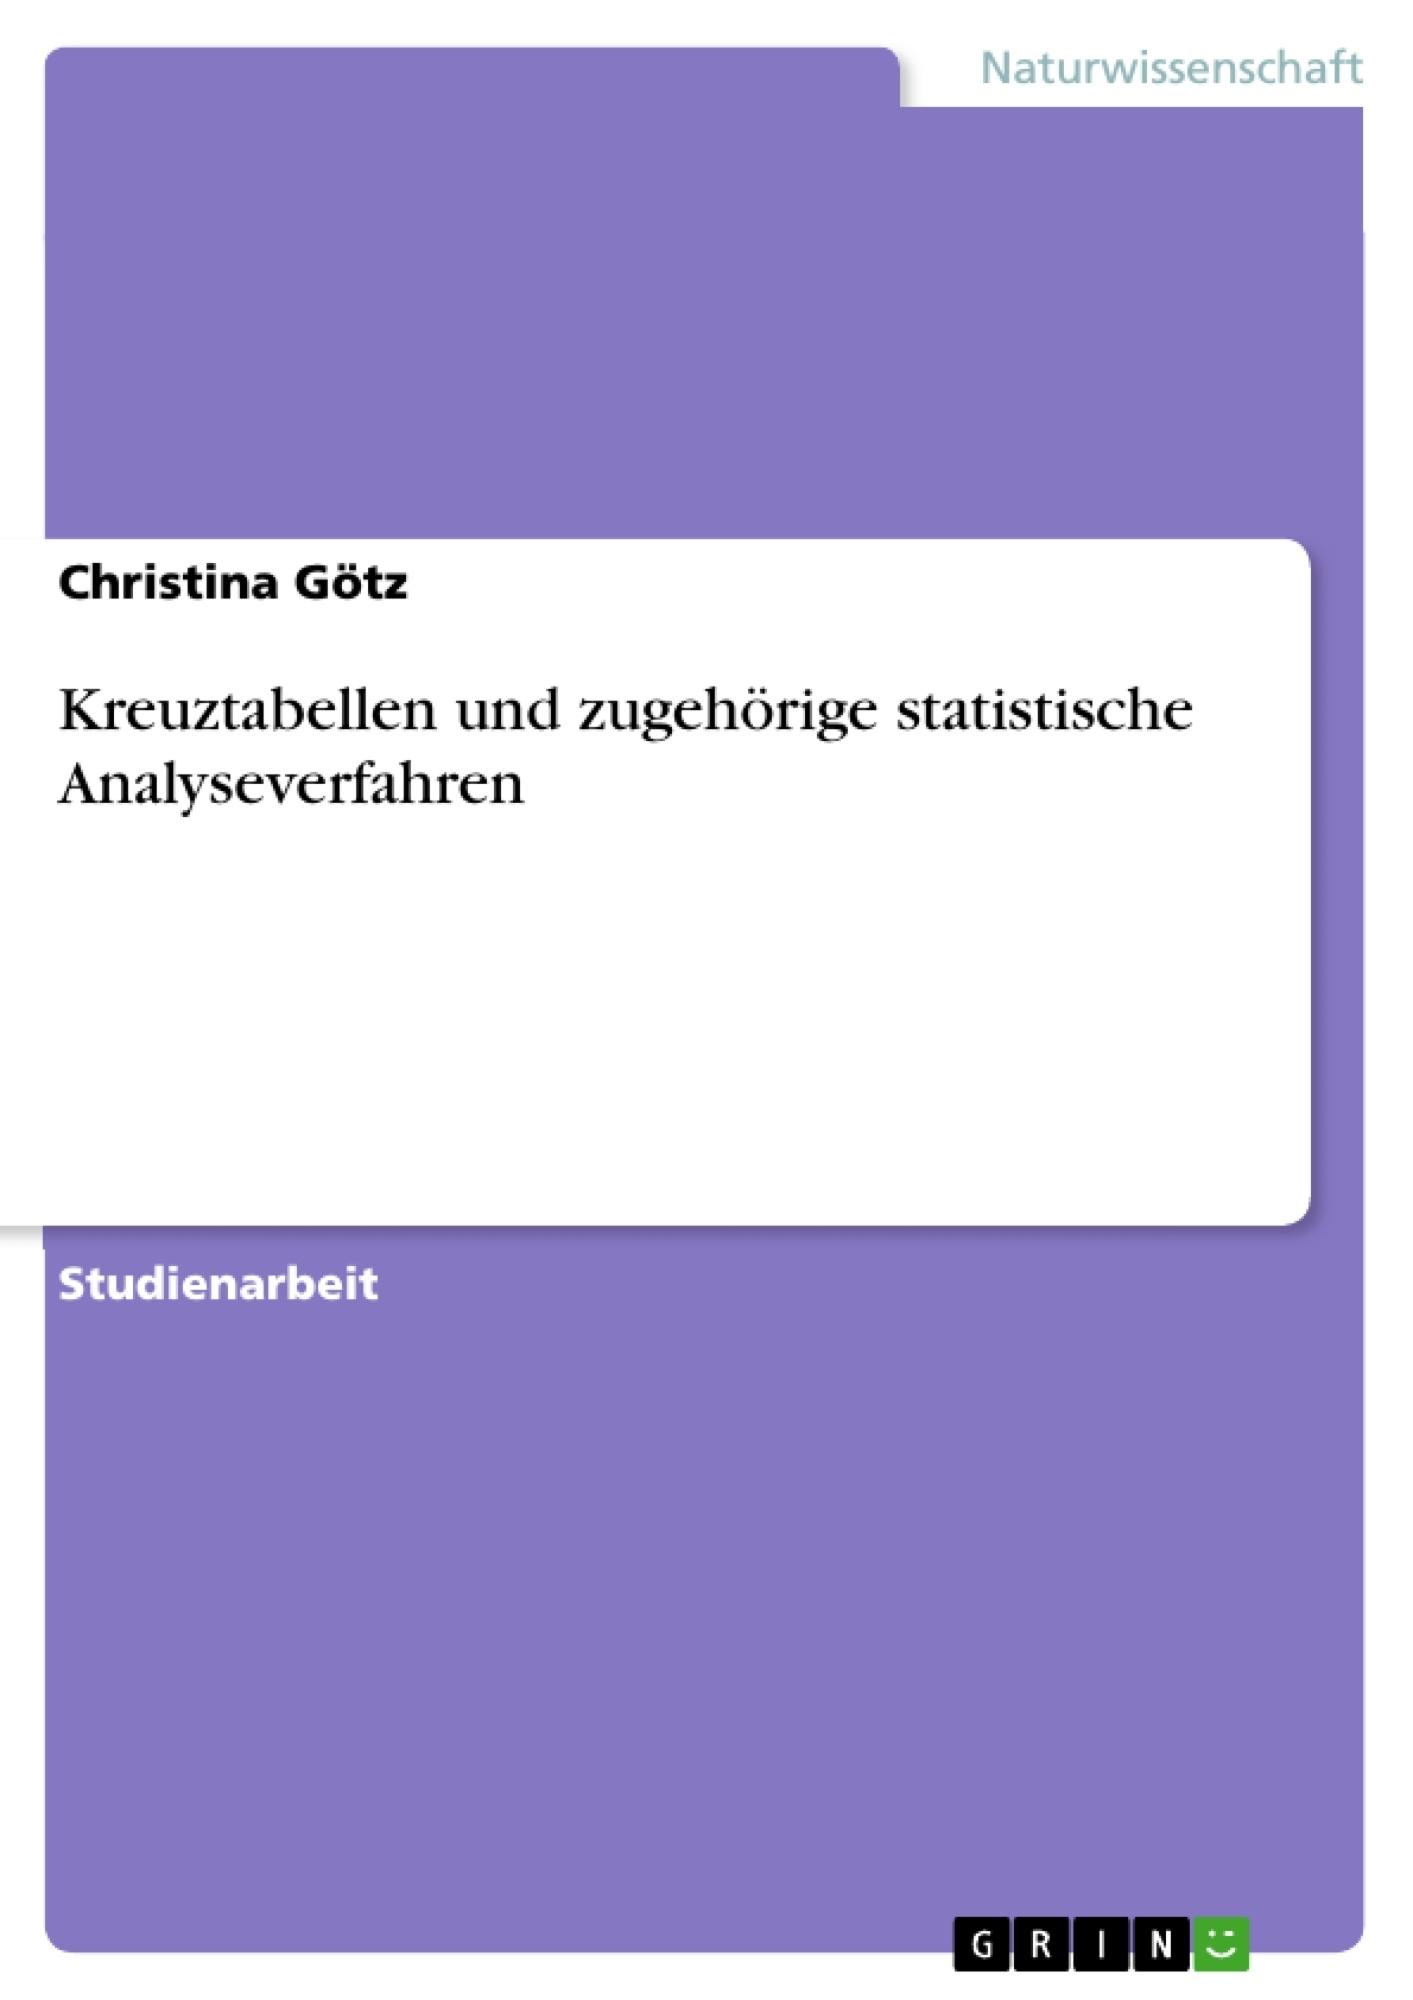 Titel: Kreuztabellen und zugehörige statistische Analyseverfahren